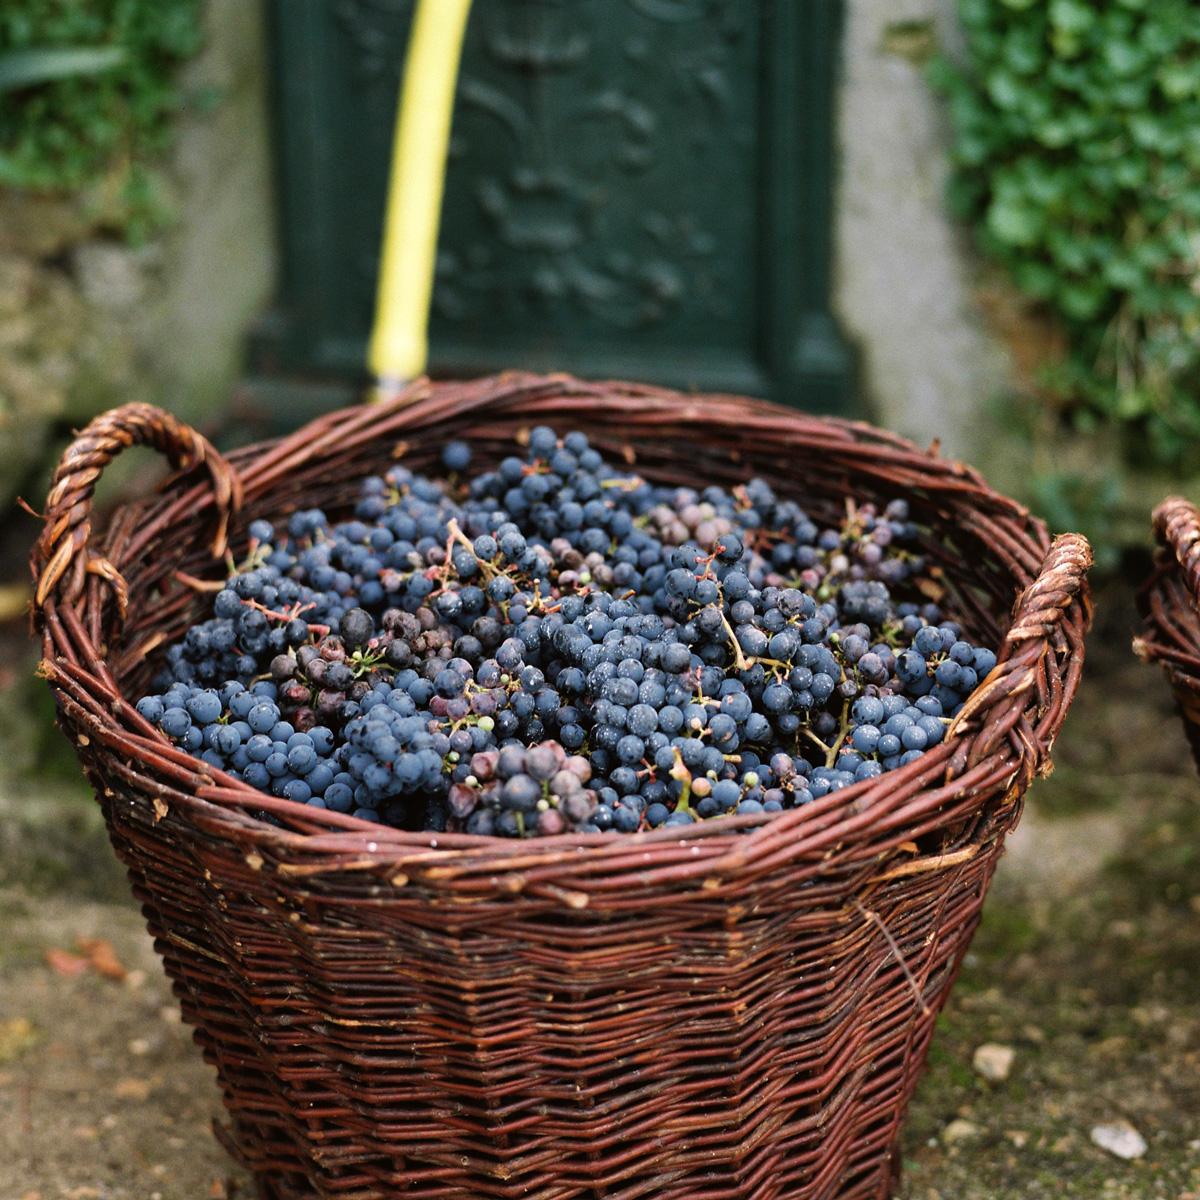 Panier rempli de grappes de raisins.